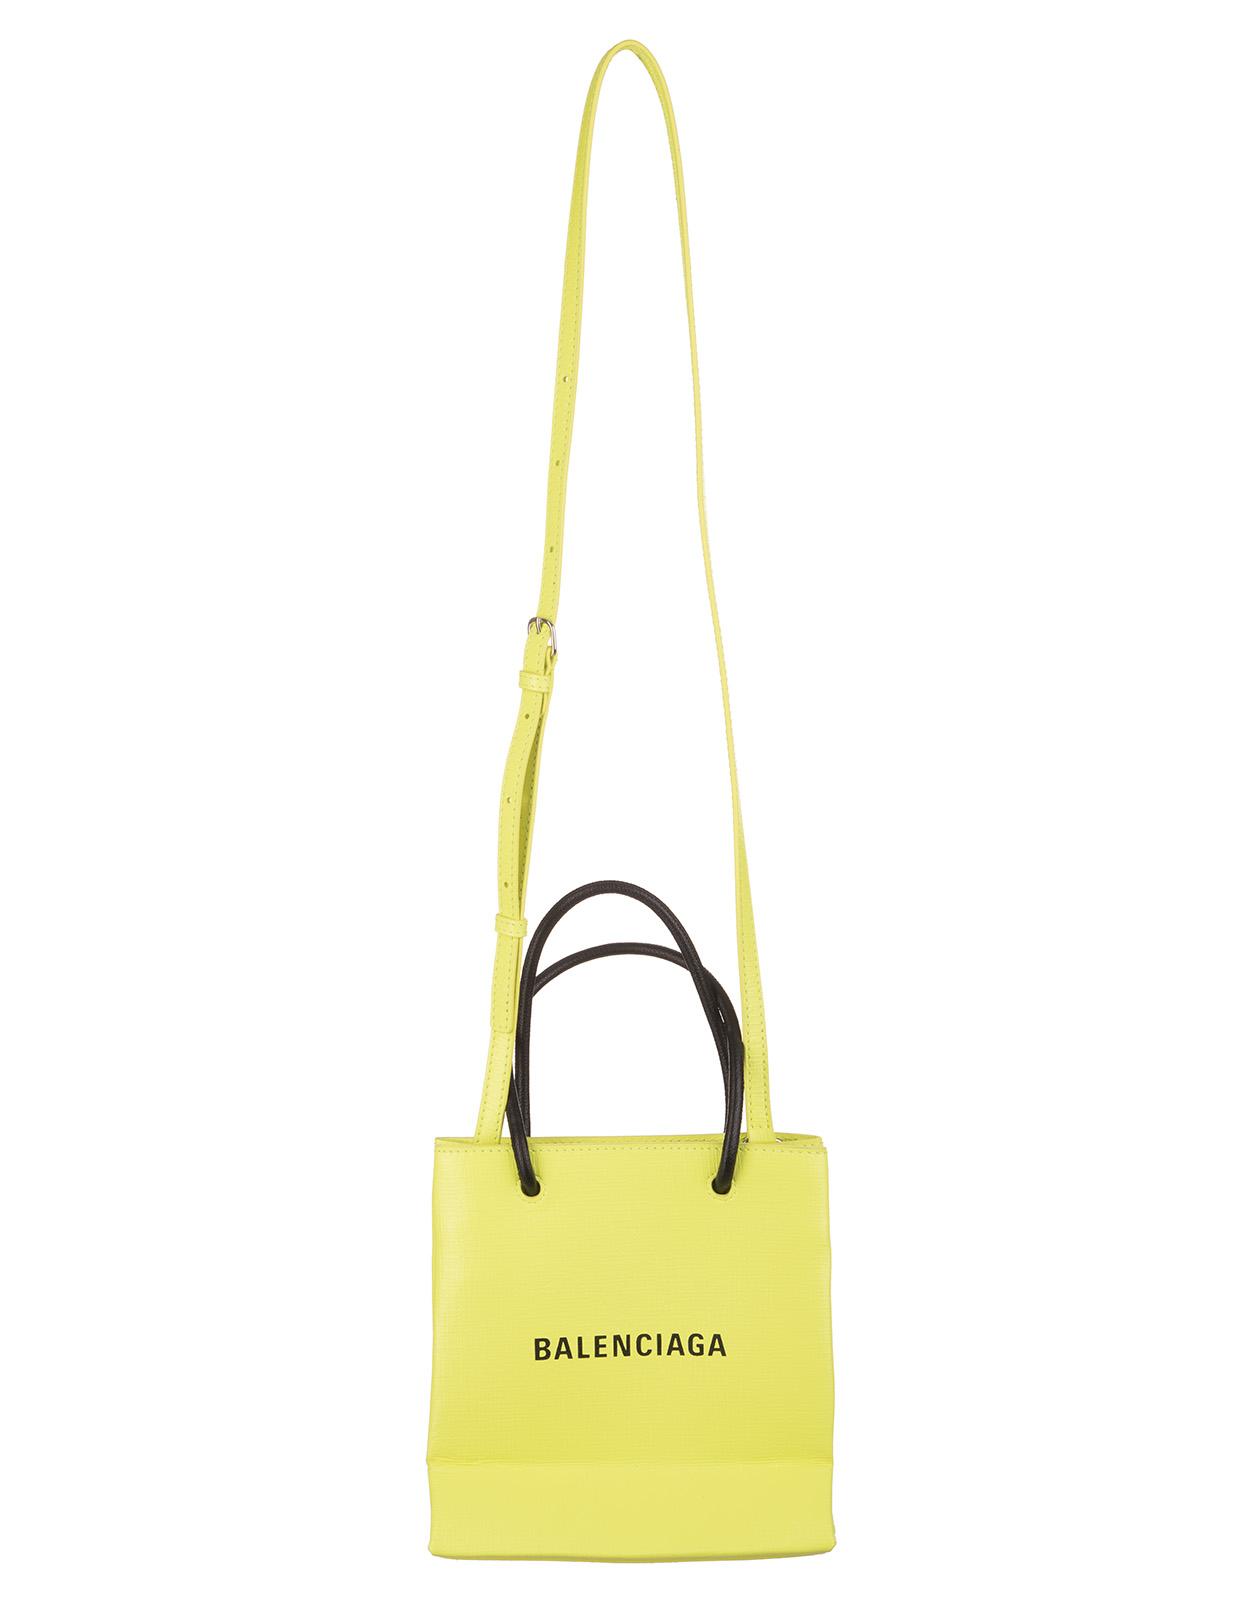 67b0a71126 Borsa Shopping Tote Gialla XXS - BALENCIAGA - Russocapri